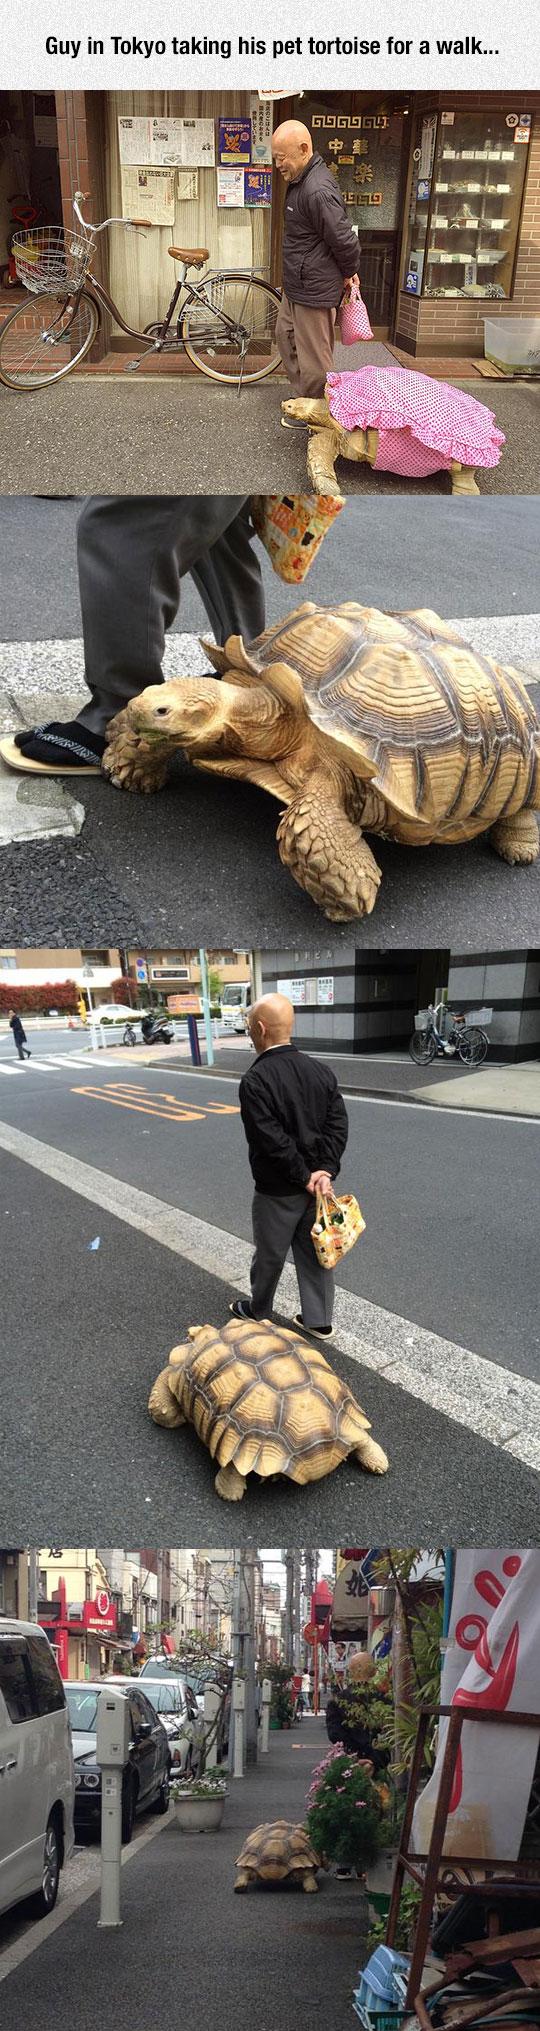 funny-man-tortoise-pet-walking